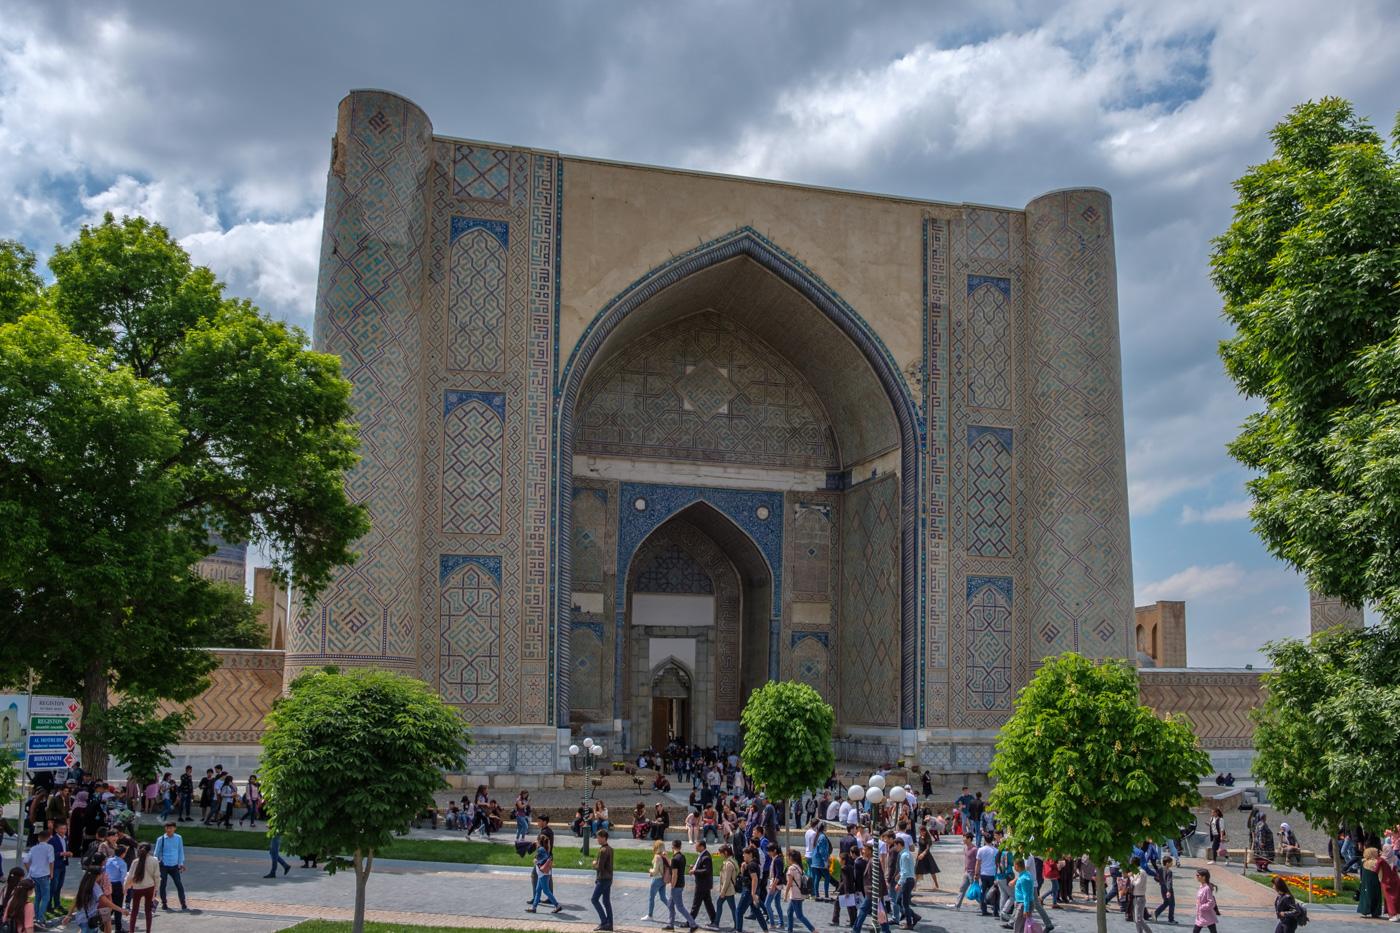 Das etwa 40 Meter hohe Eingangsportal der Bibi-Chanum-Moschee.